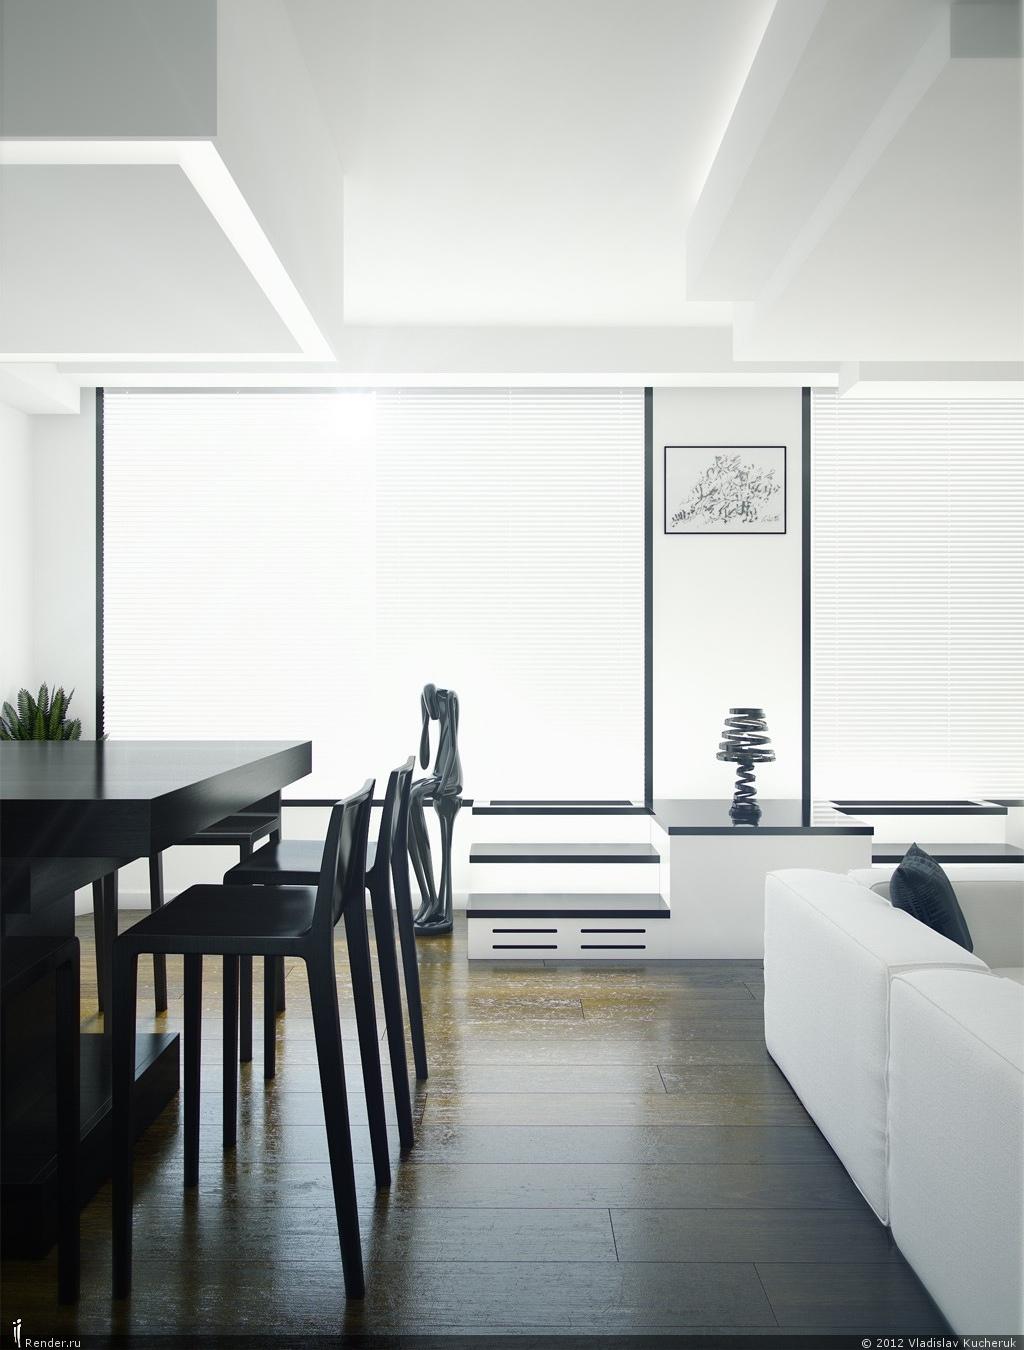 Elegant black and white modern decor